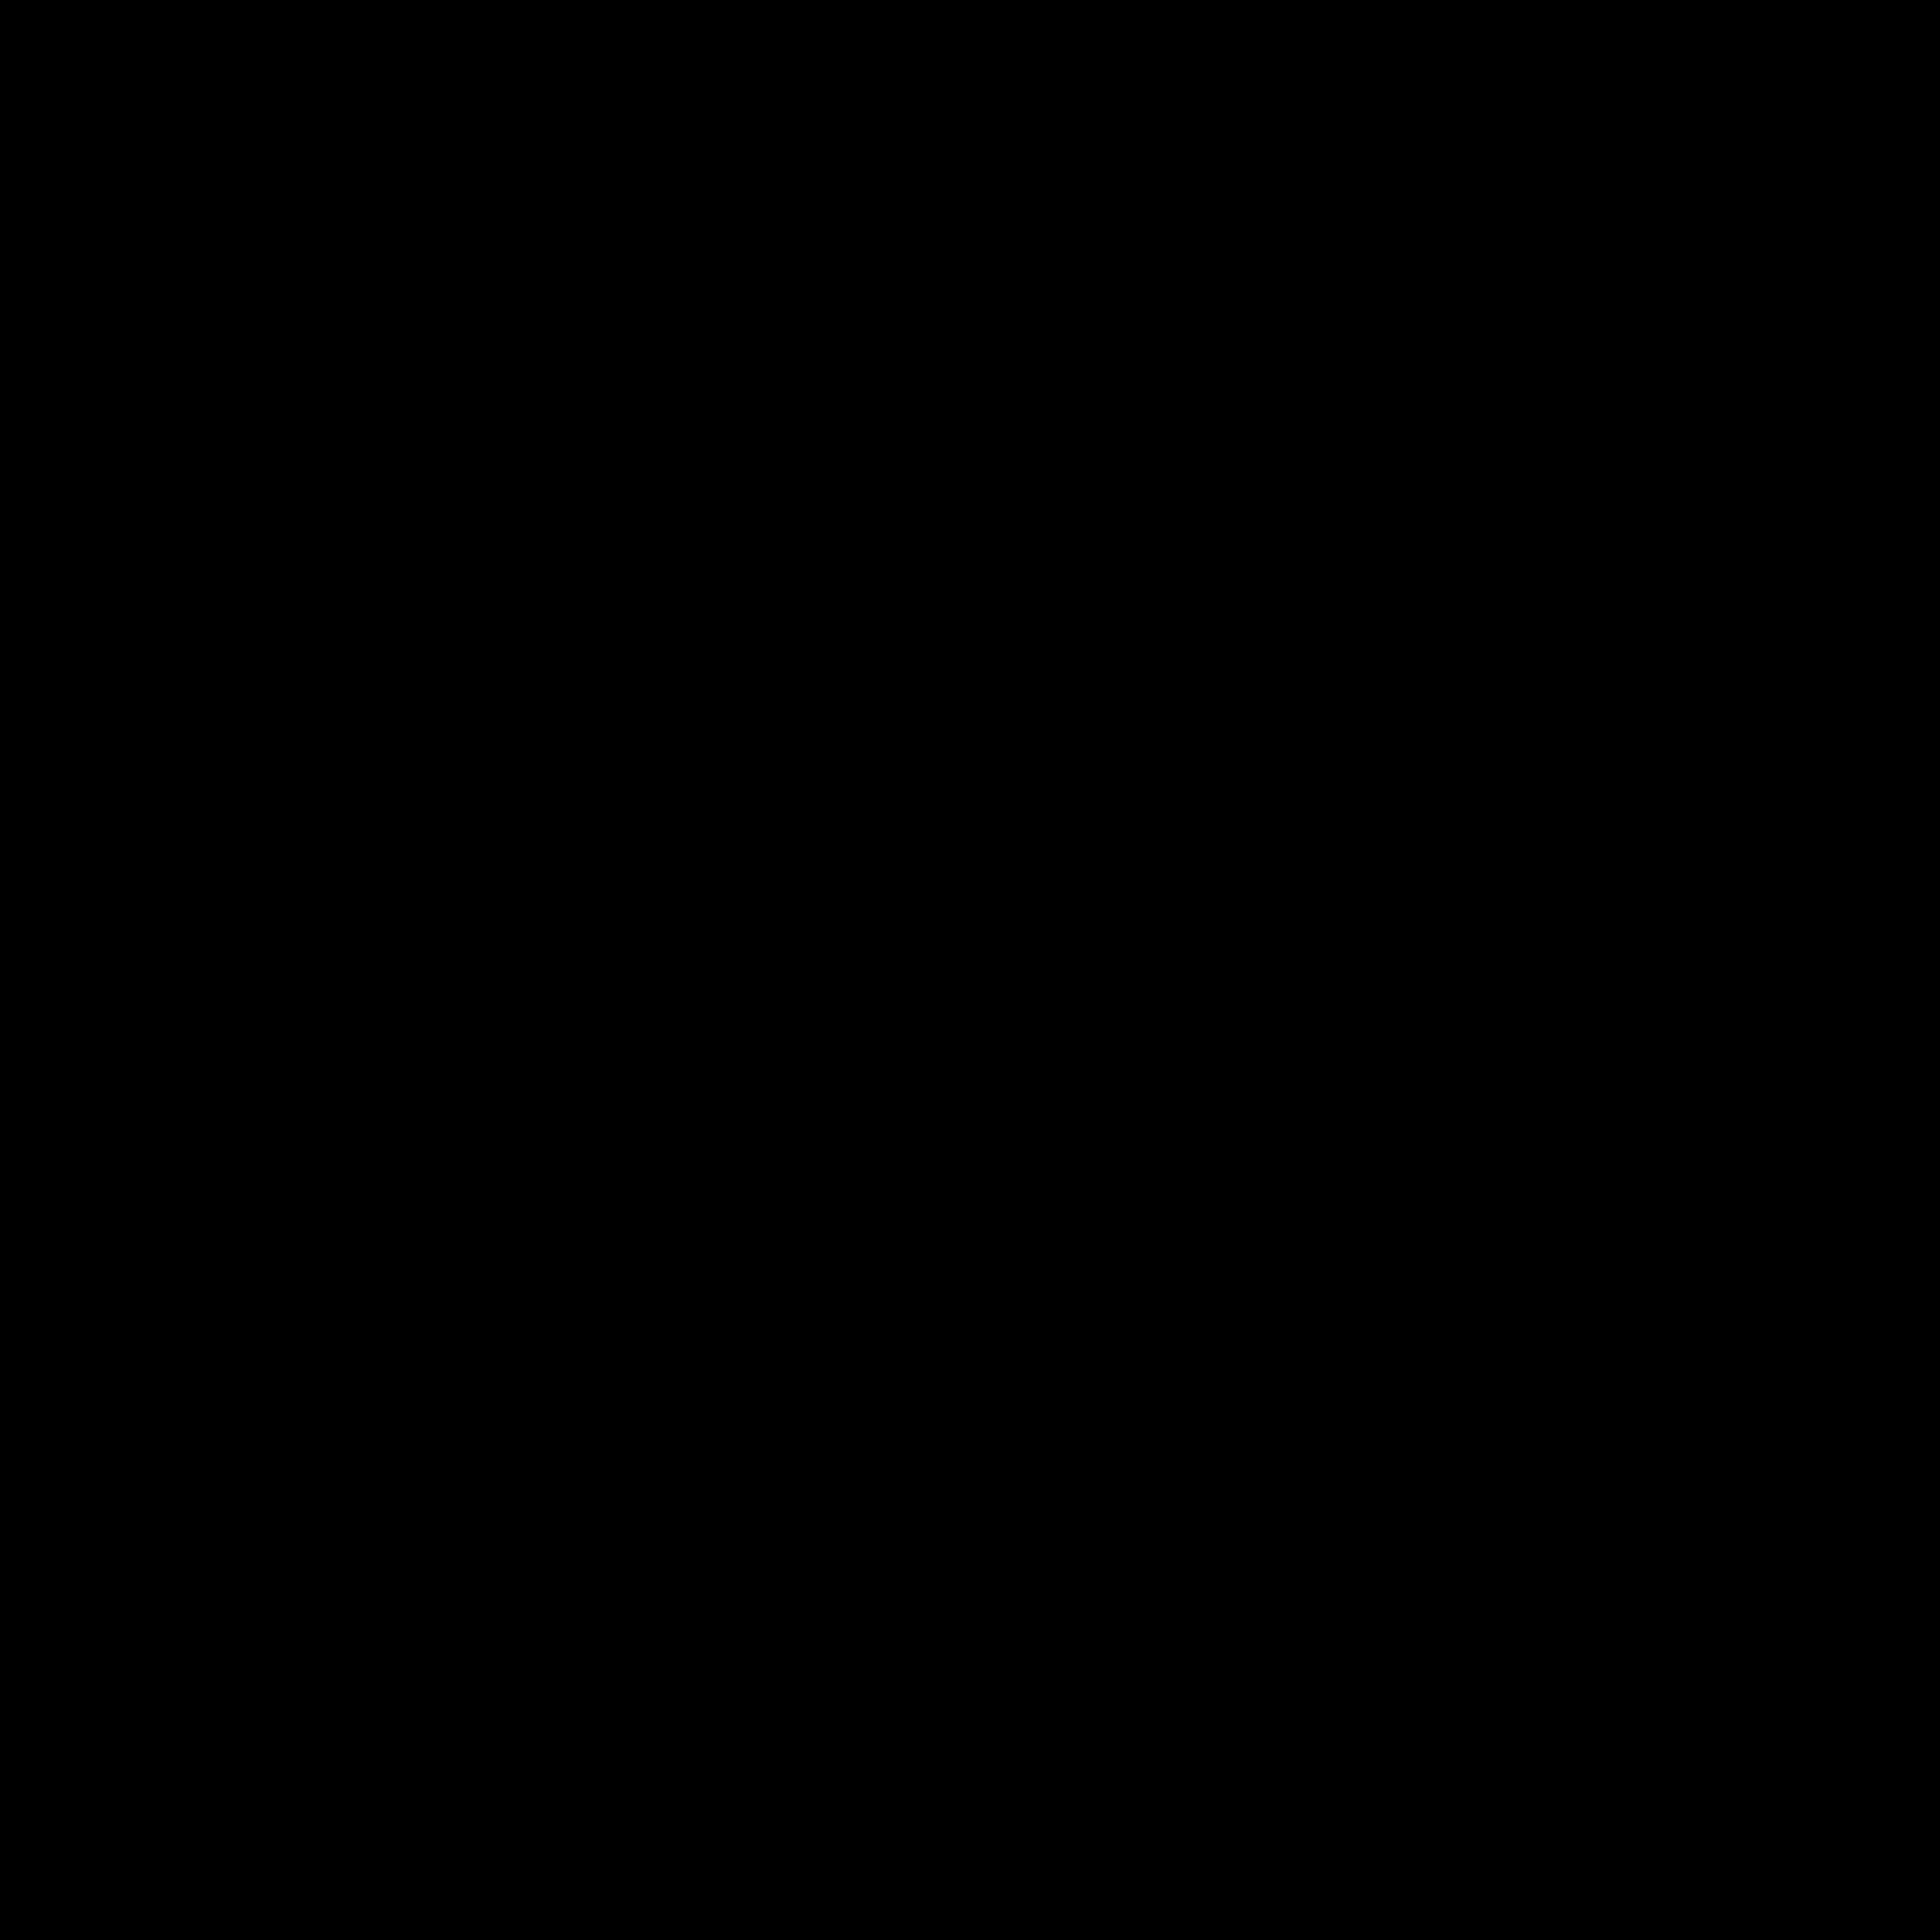 H o y o ray for b o y o bies dynamic duo